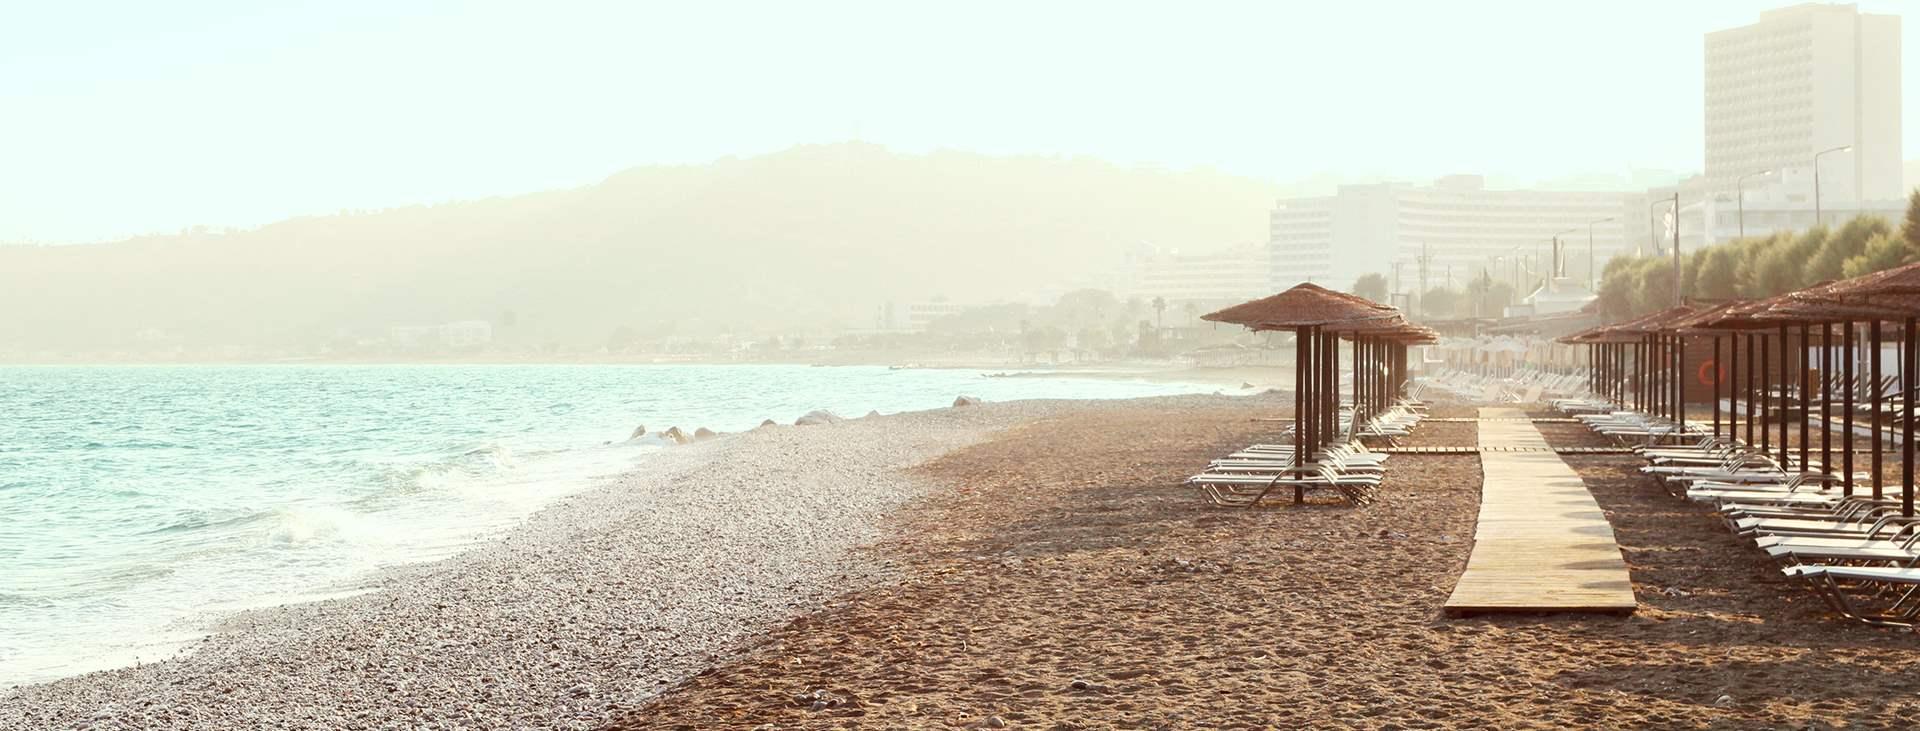 Resor till Rhodos västkust i Grekland